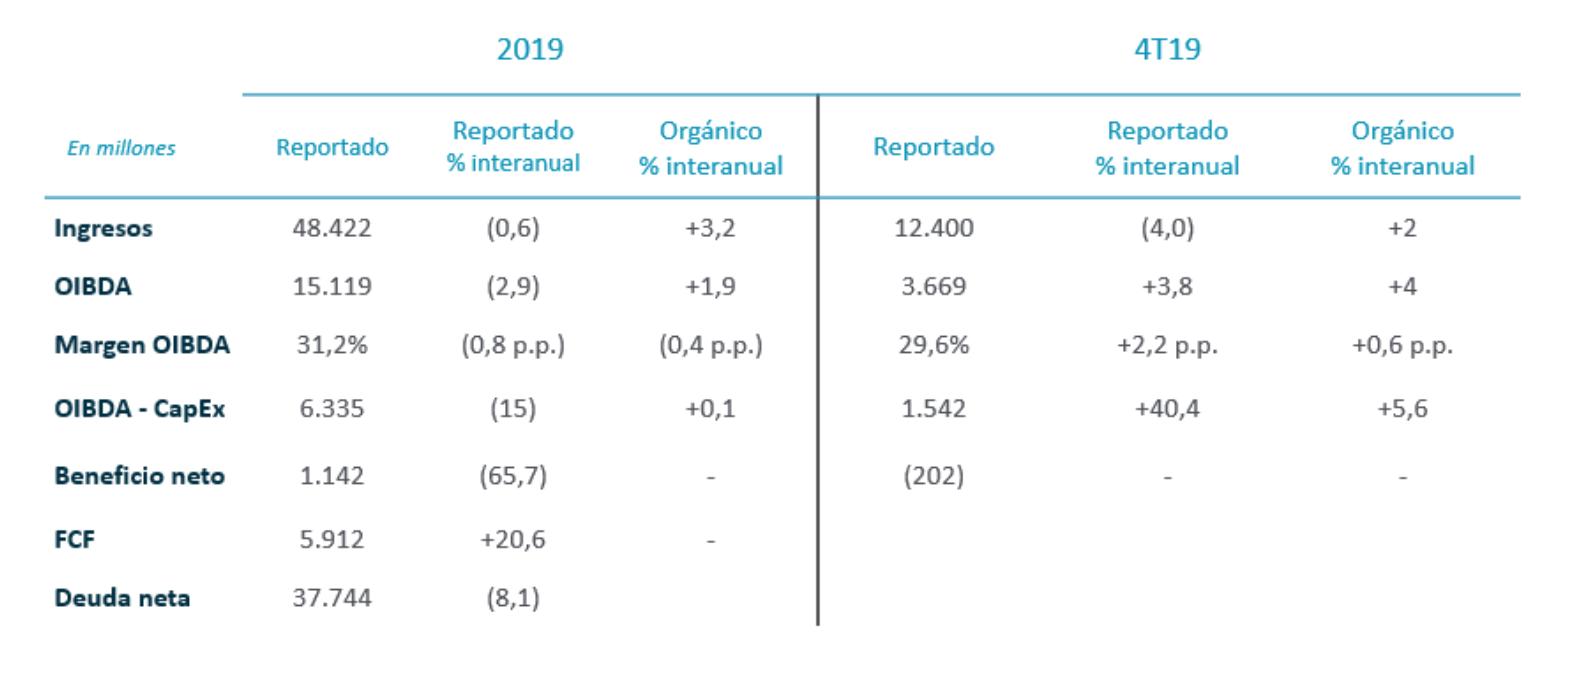 Resultados financieros anuales 2019